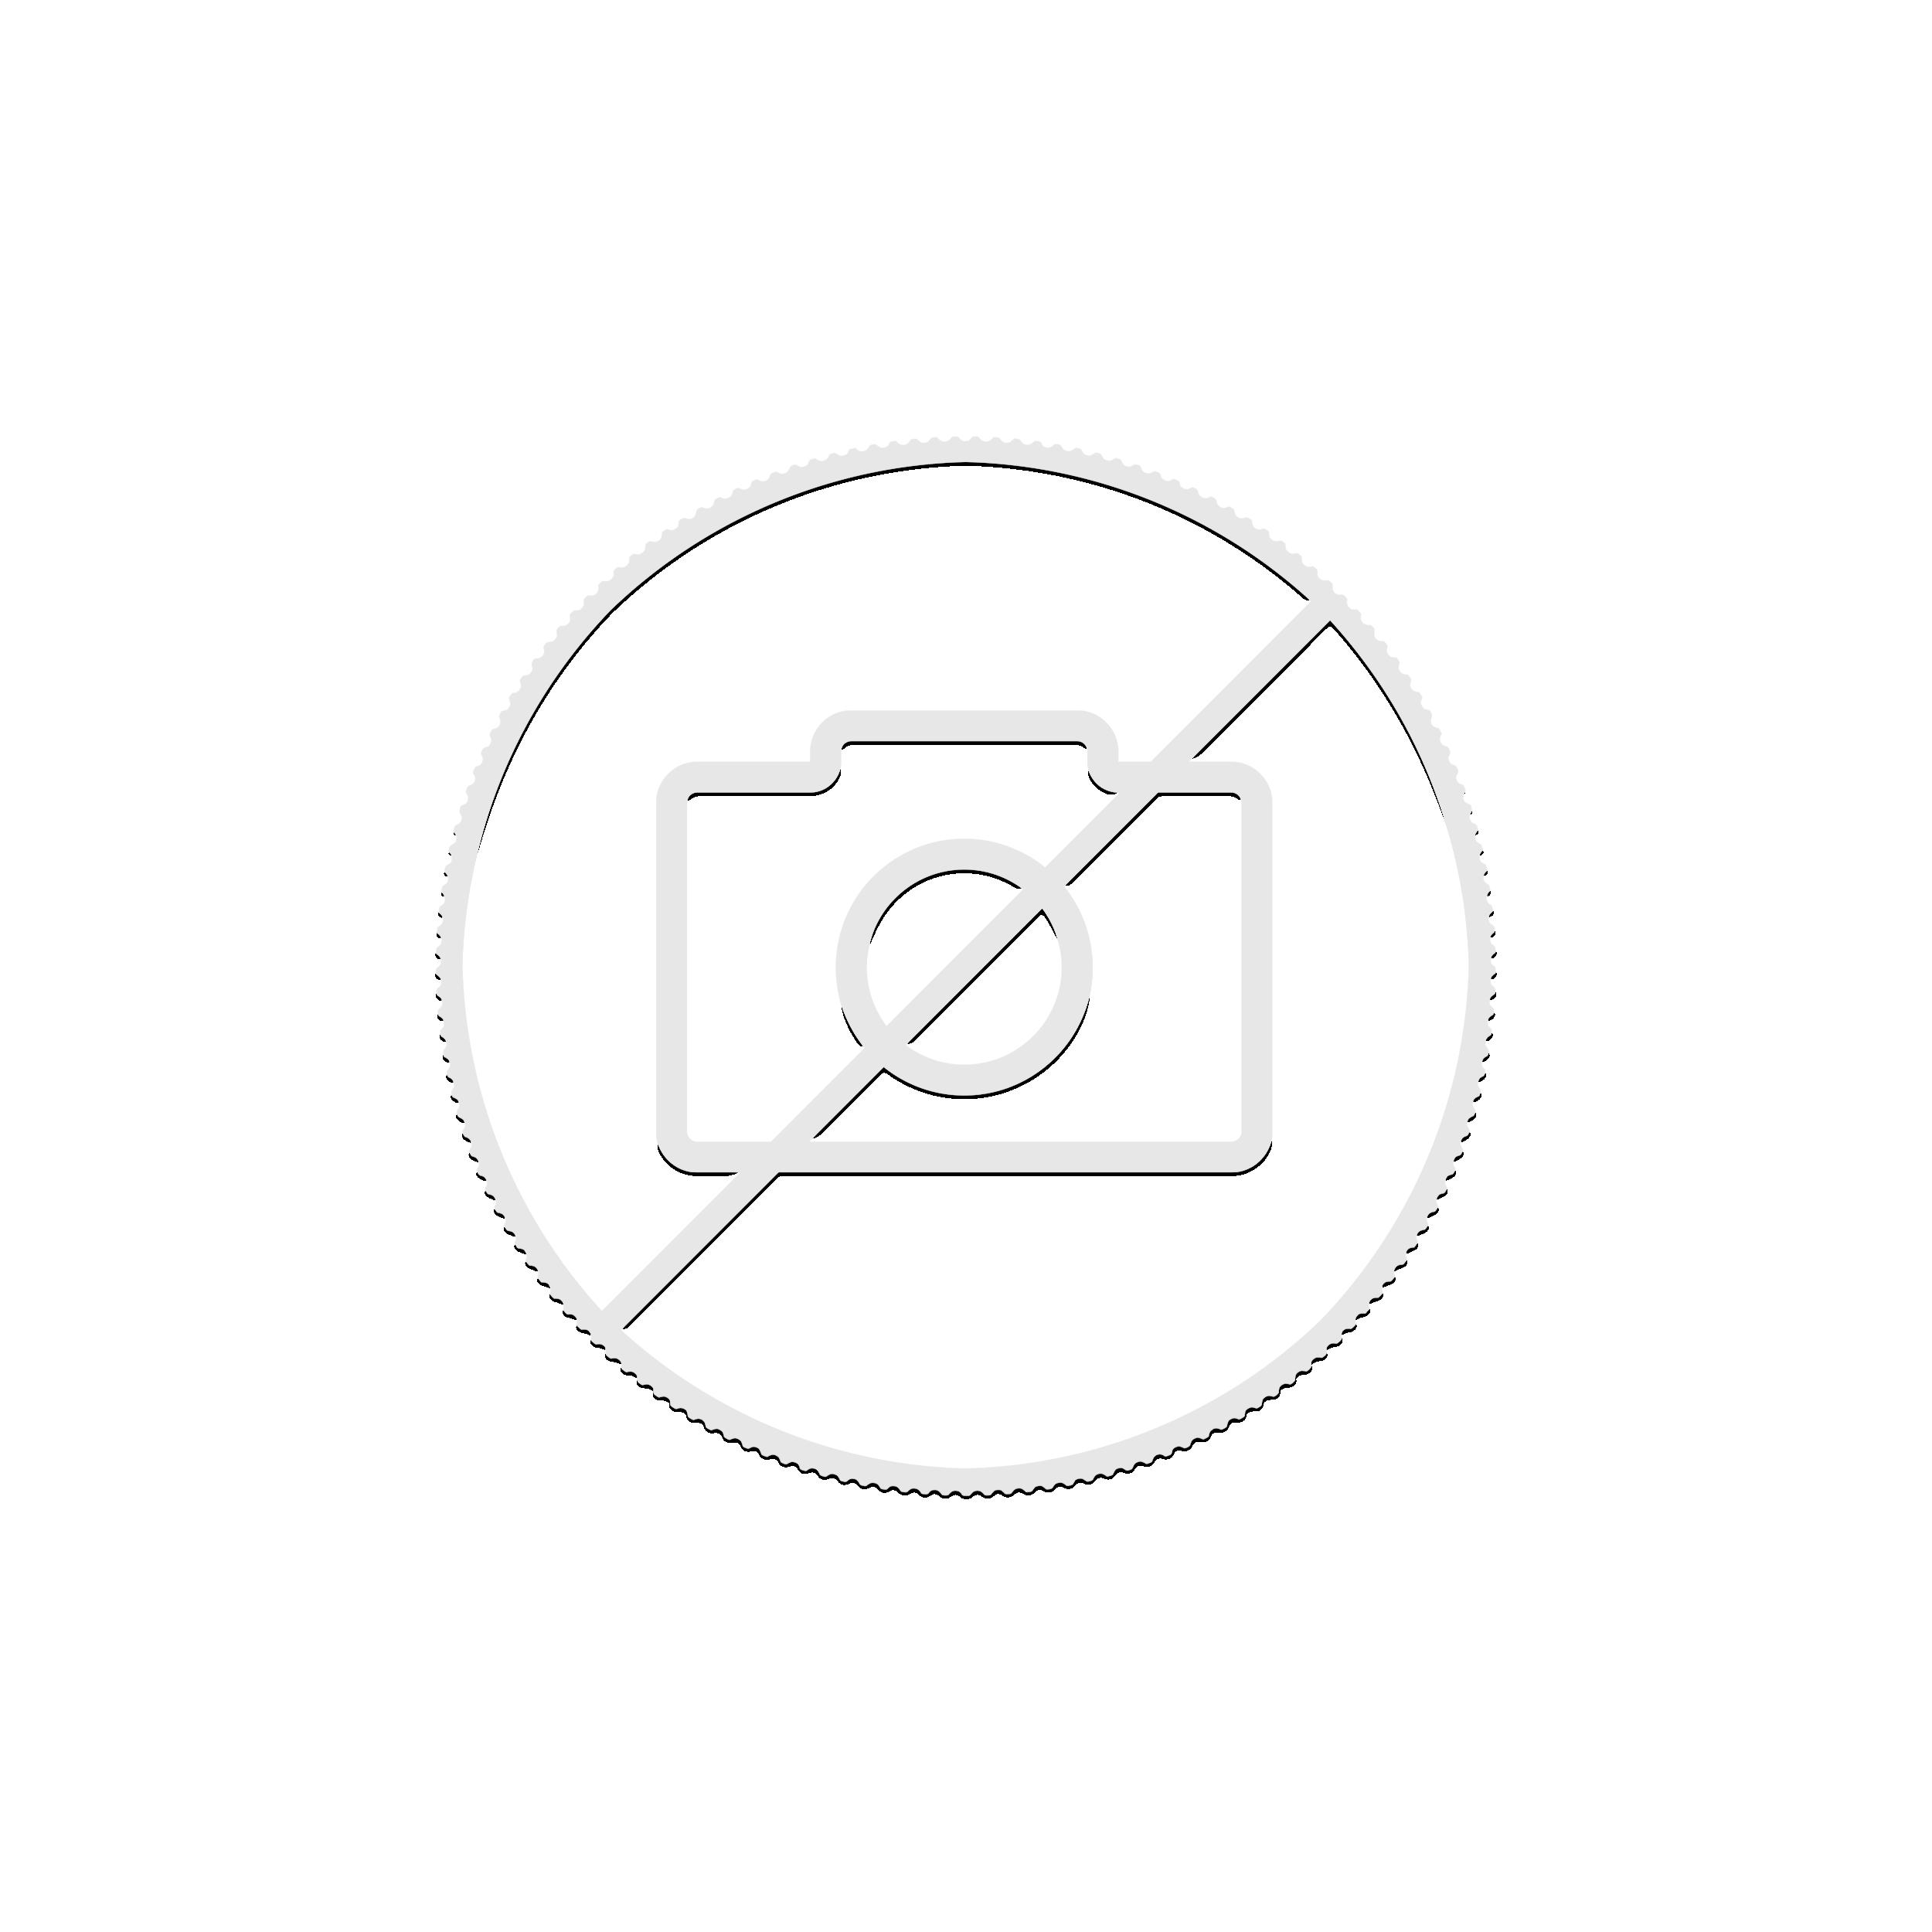 1 troy ounce zilver muntbaar Cook Islands 2017